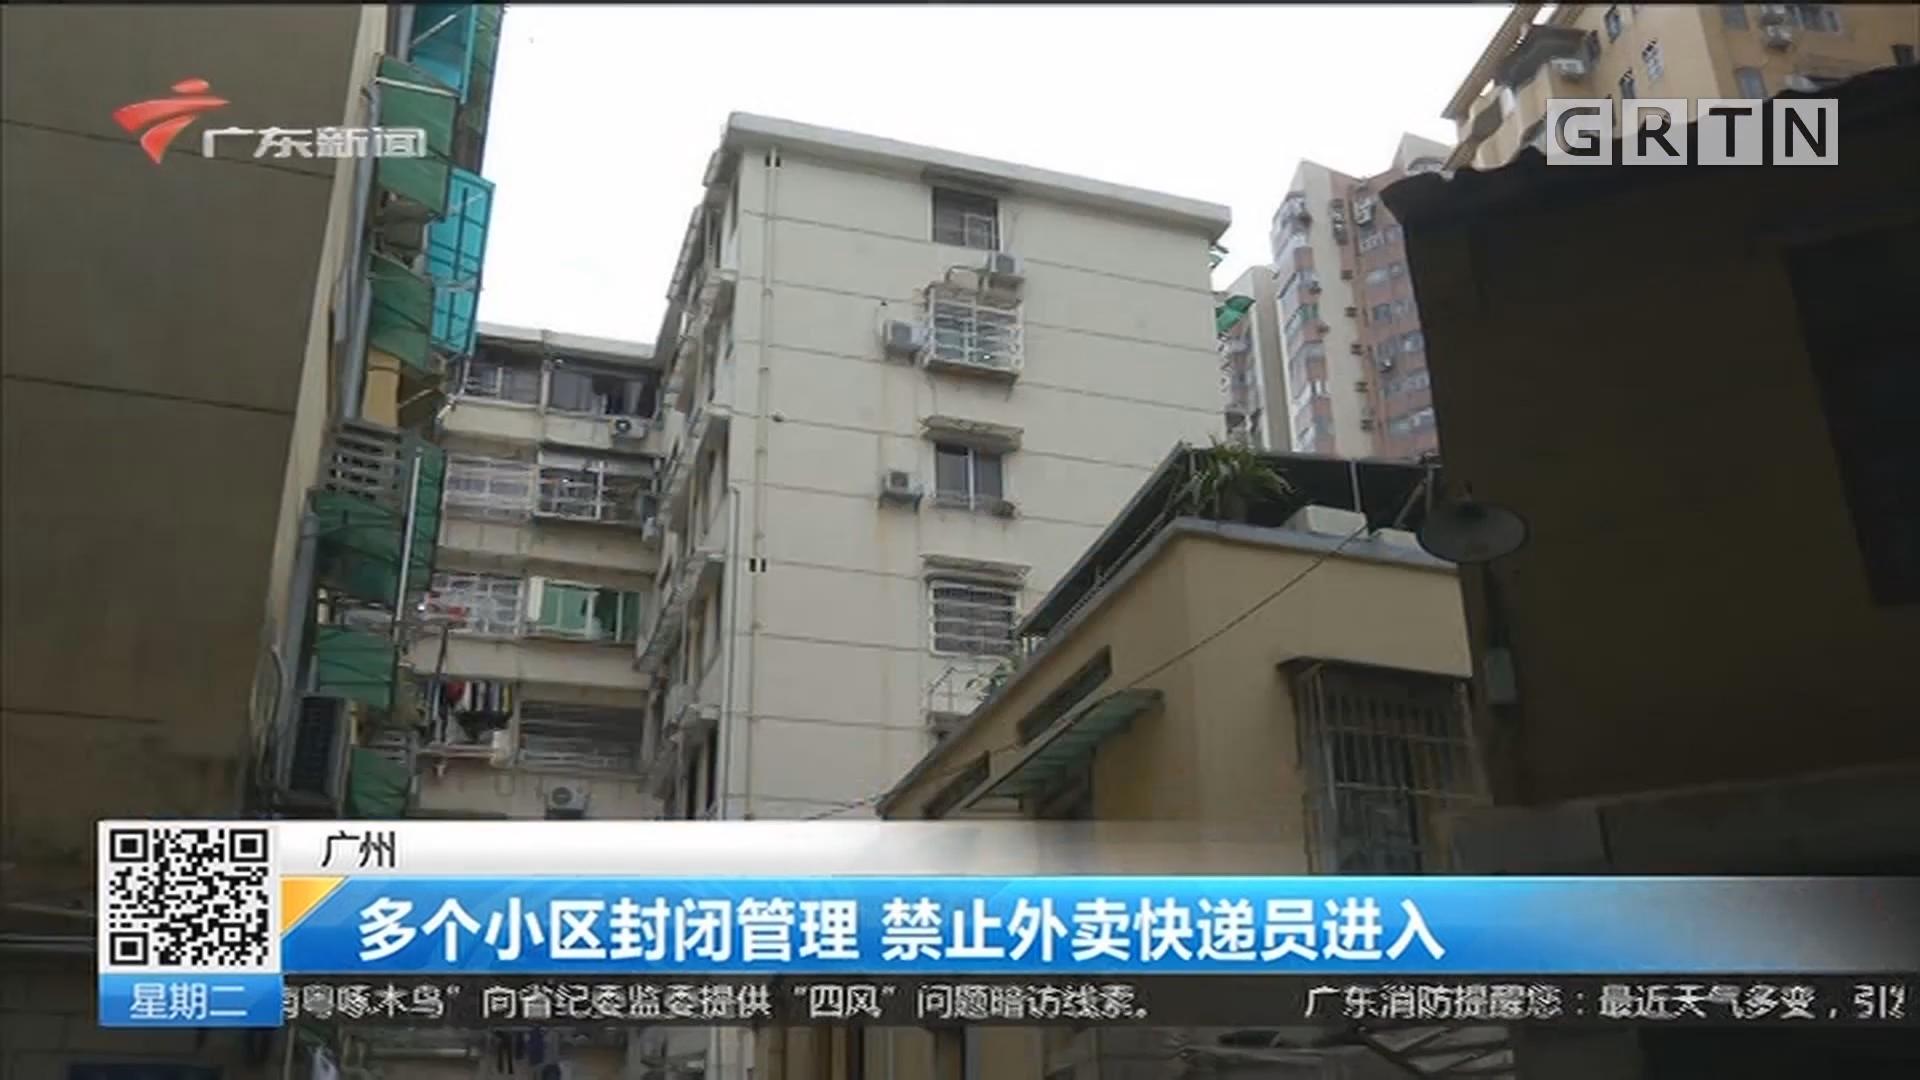 广州:多个小区封闭管理 禁止外卖快递员进入